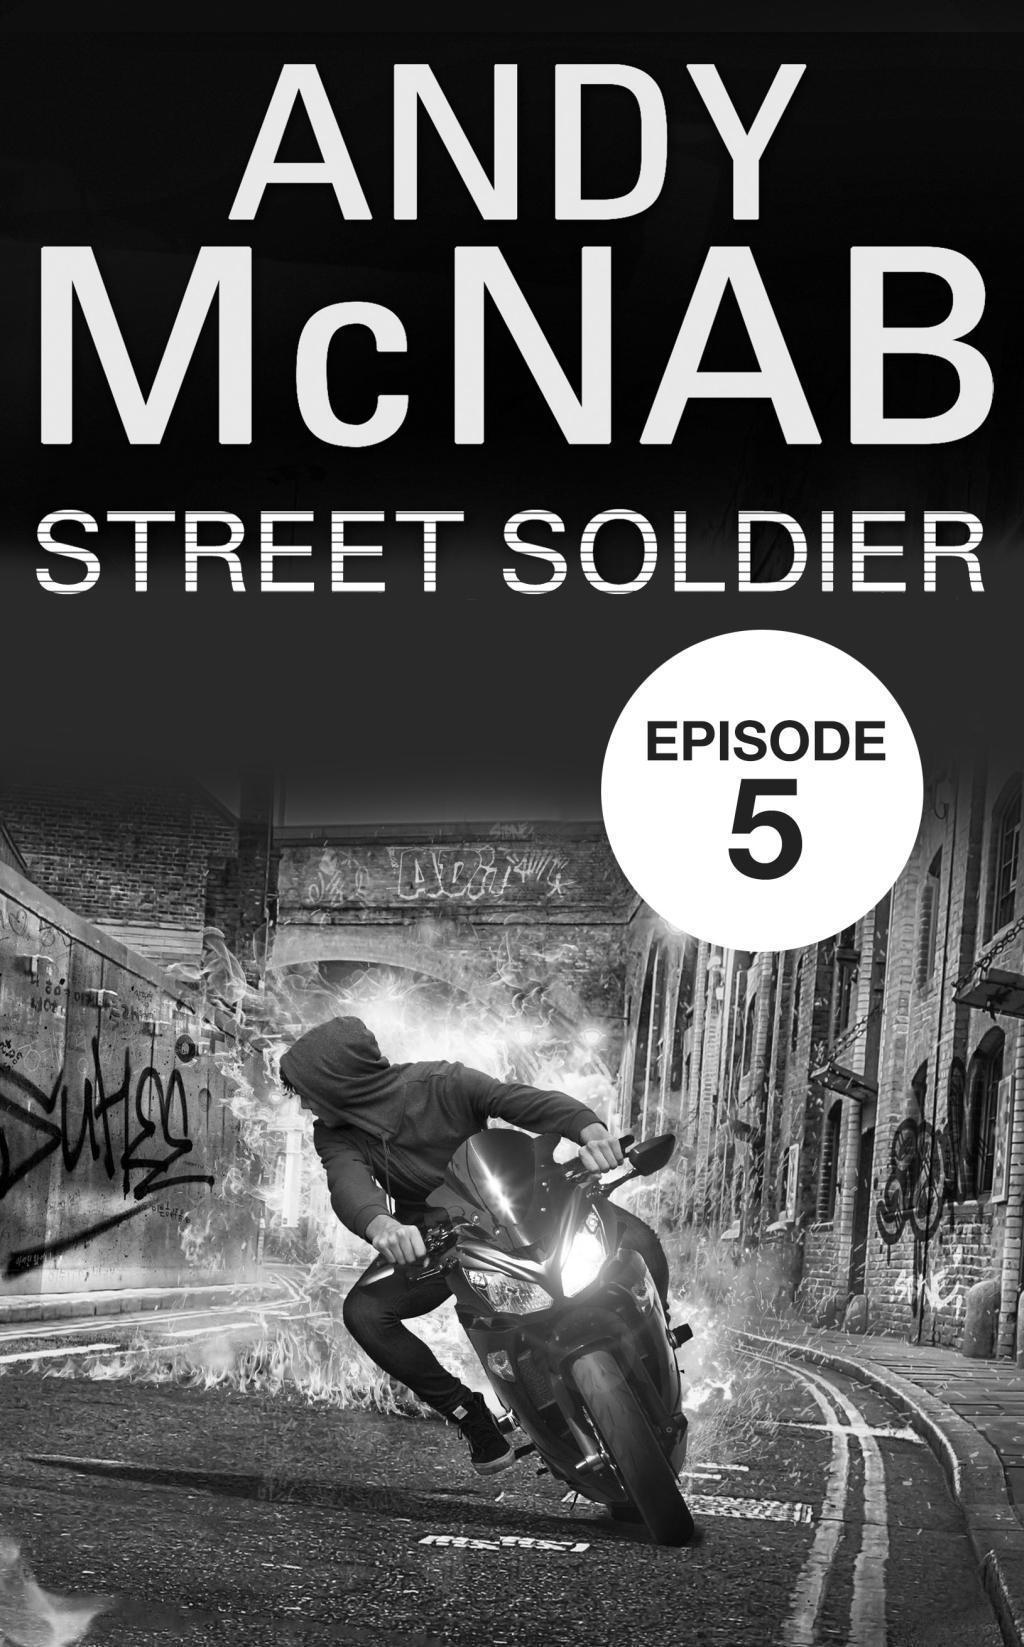 Street Soldier: Episode 5